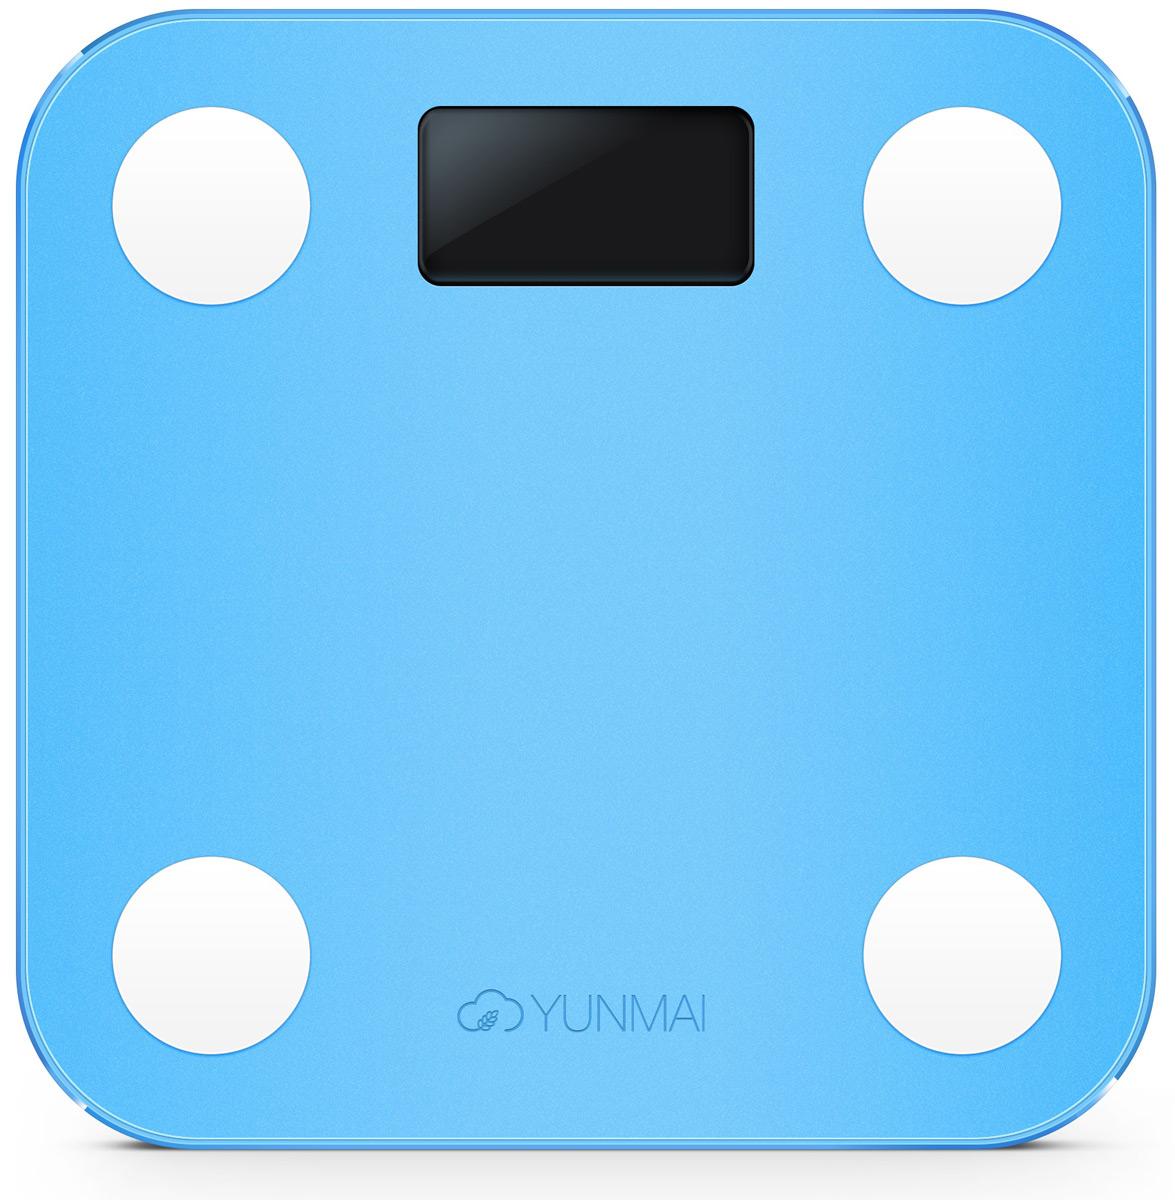 цена Напольные весы Yunmai Mini, Blue онлайн в 2017 году